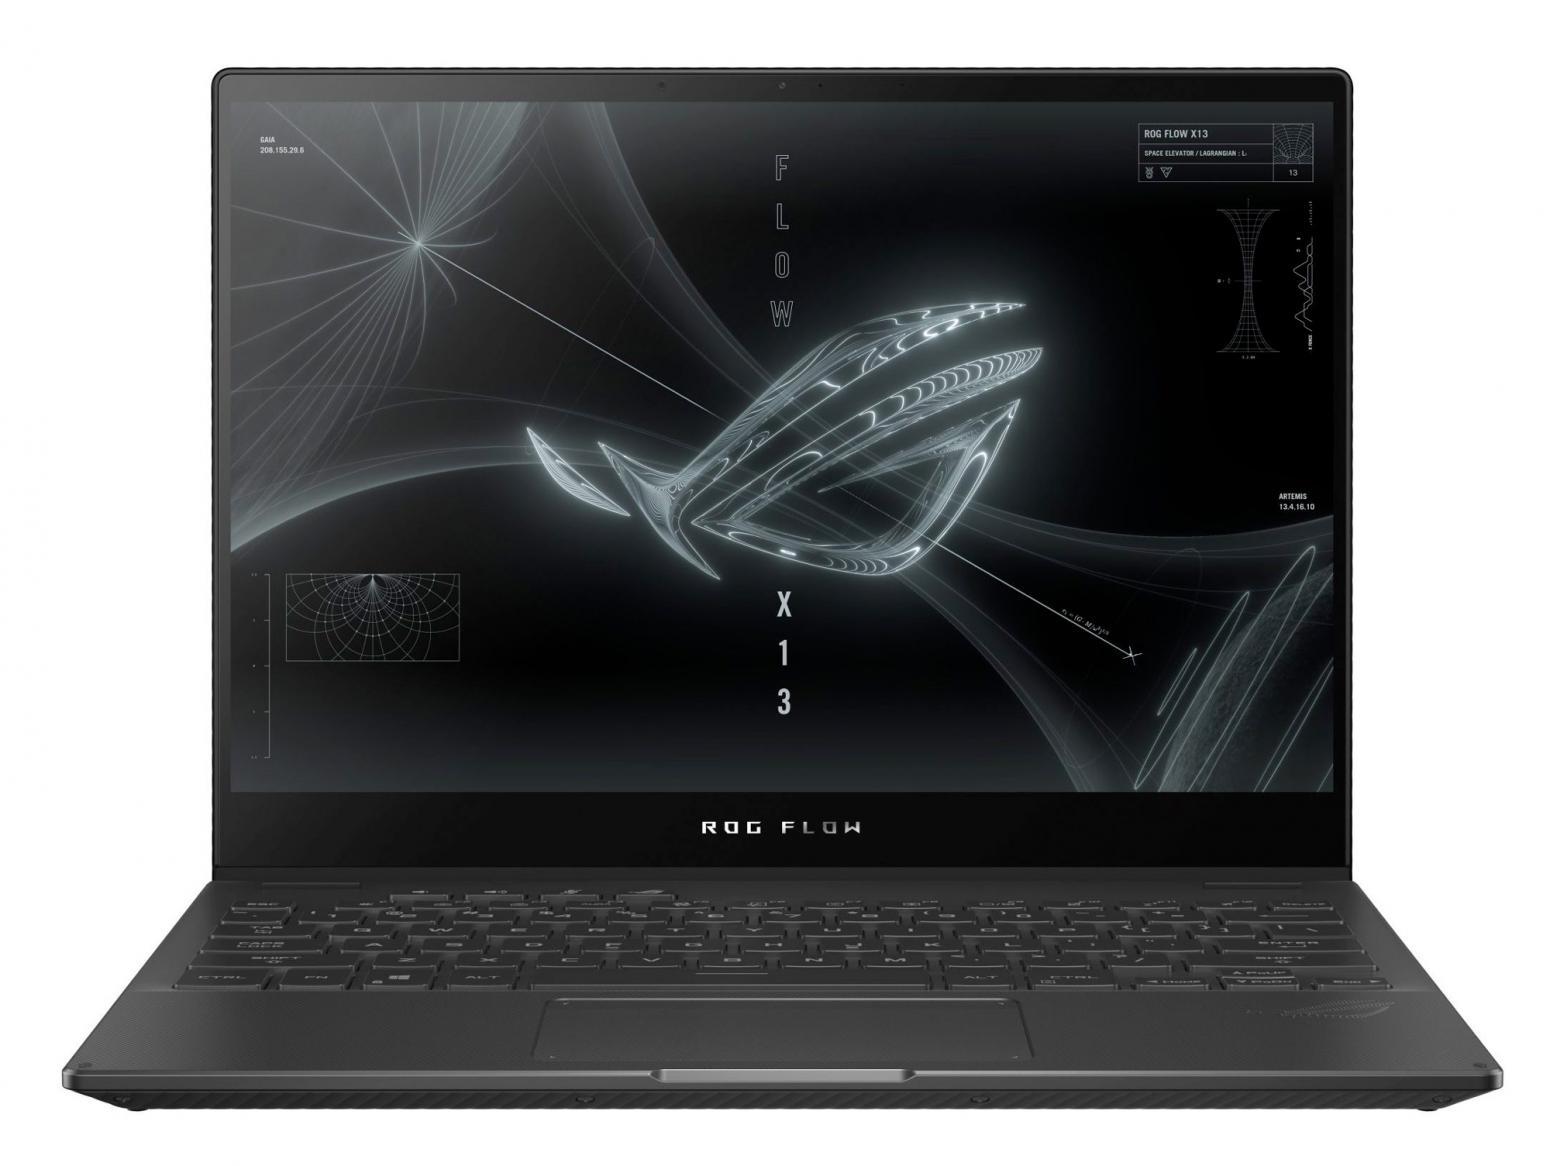 Ordinateur portable Asus ROG Flow X13 GV301QH-K5161T Noir - 4K 16:10 Tactile, GTX 1650 - photo 3